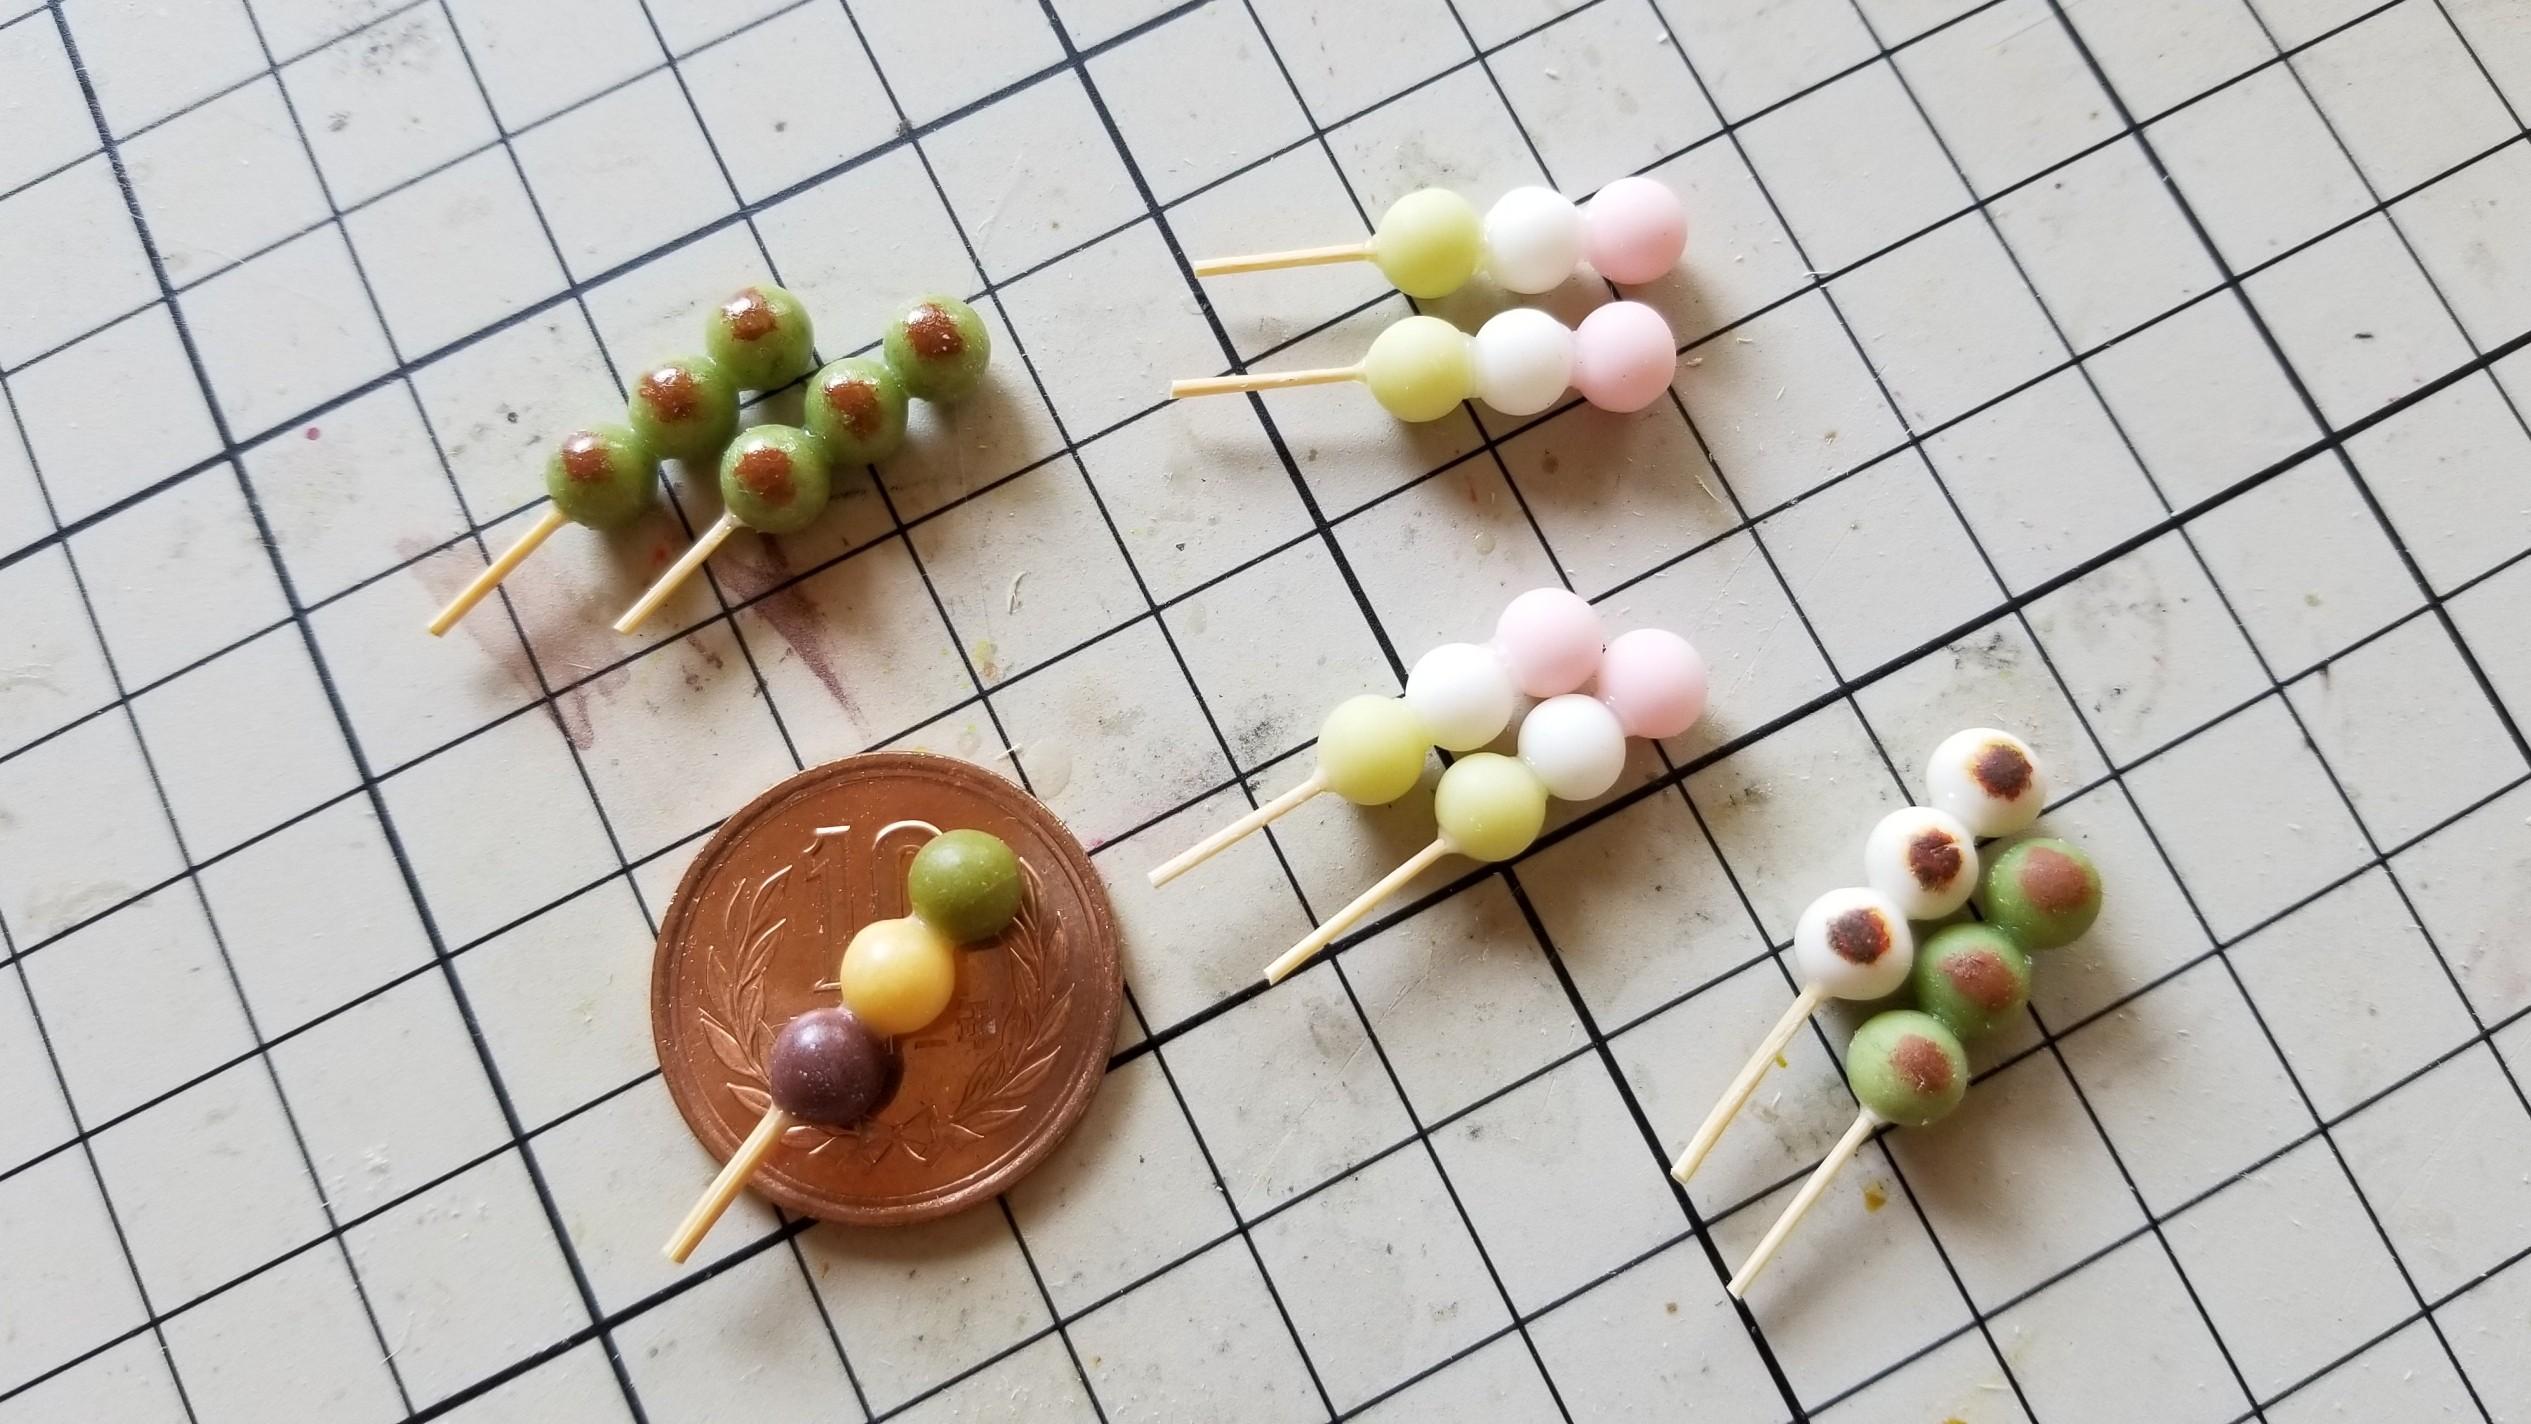 ミニチュアフード和菓子お団子春らしい食べ物小さい甘味かわいい